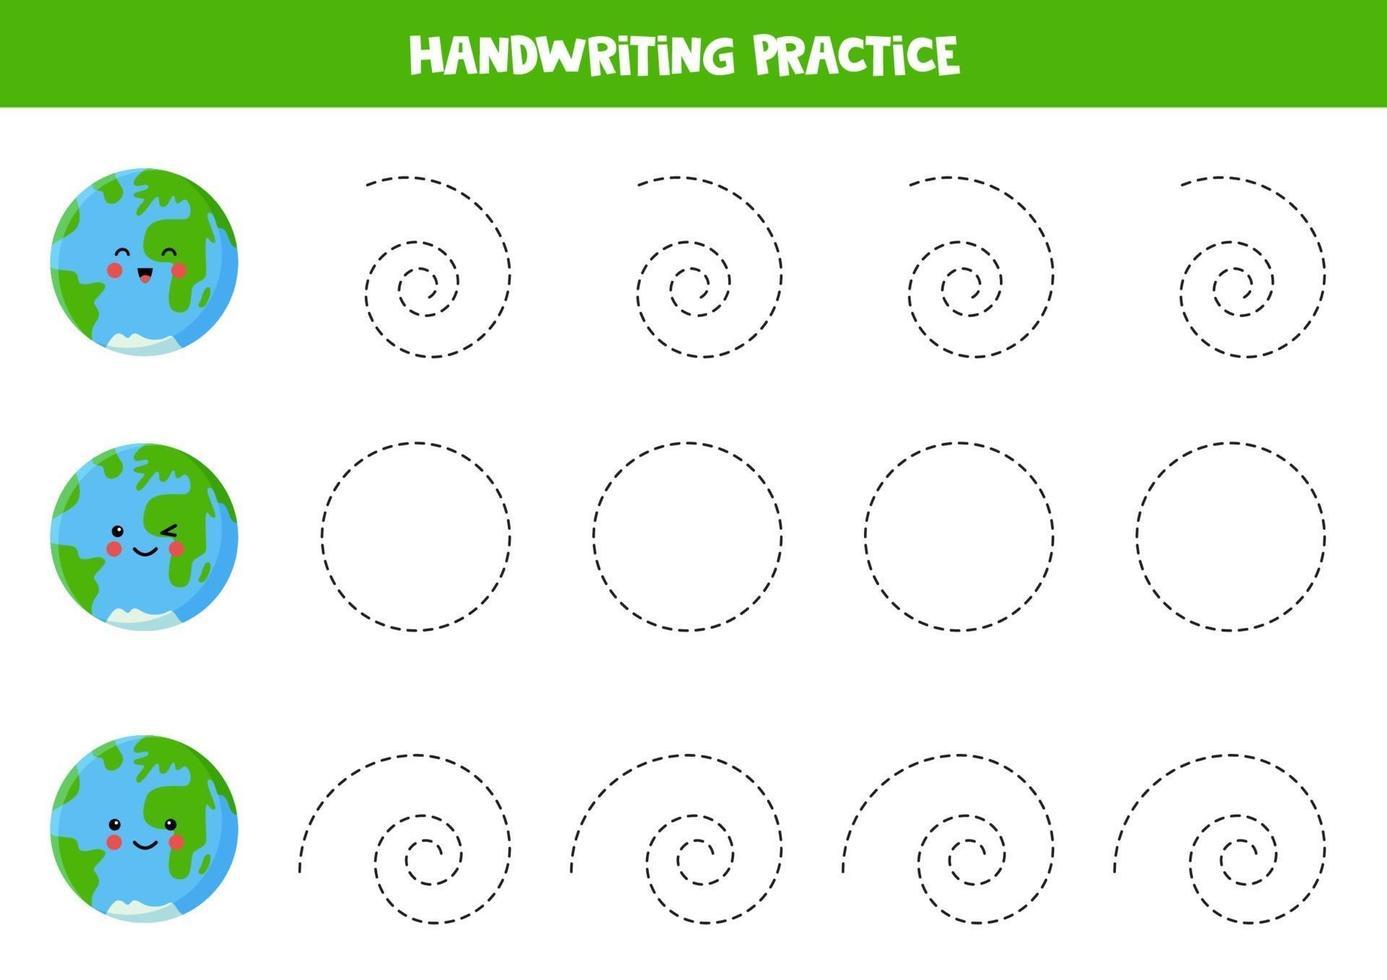 tracez les lignes avec la terre de dessin animé. pratique de l'écriture. vecteur